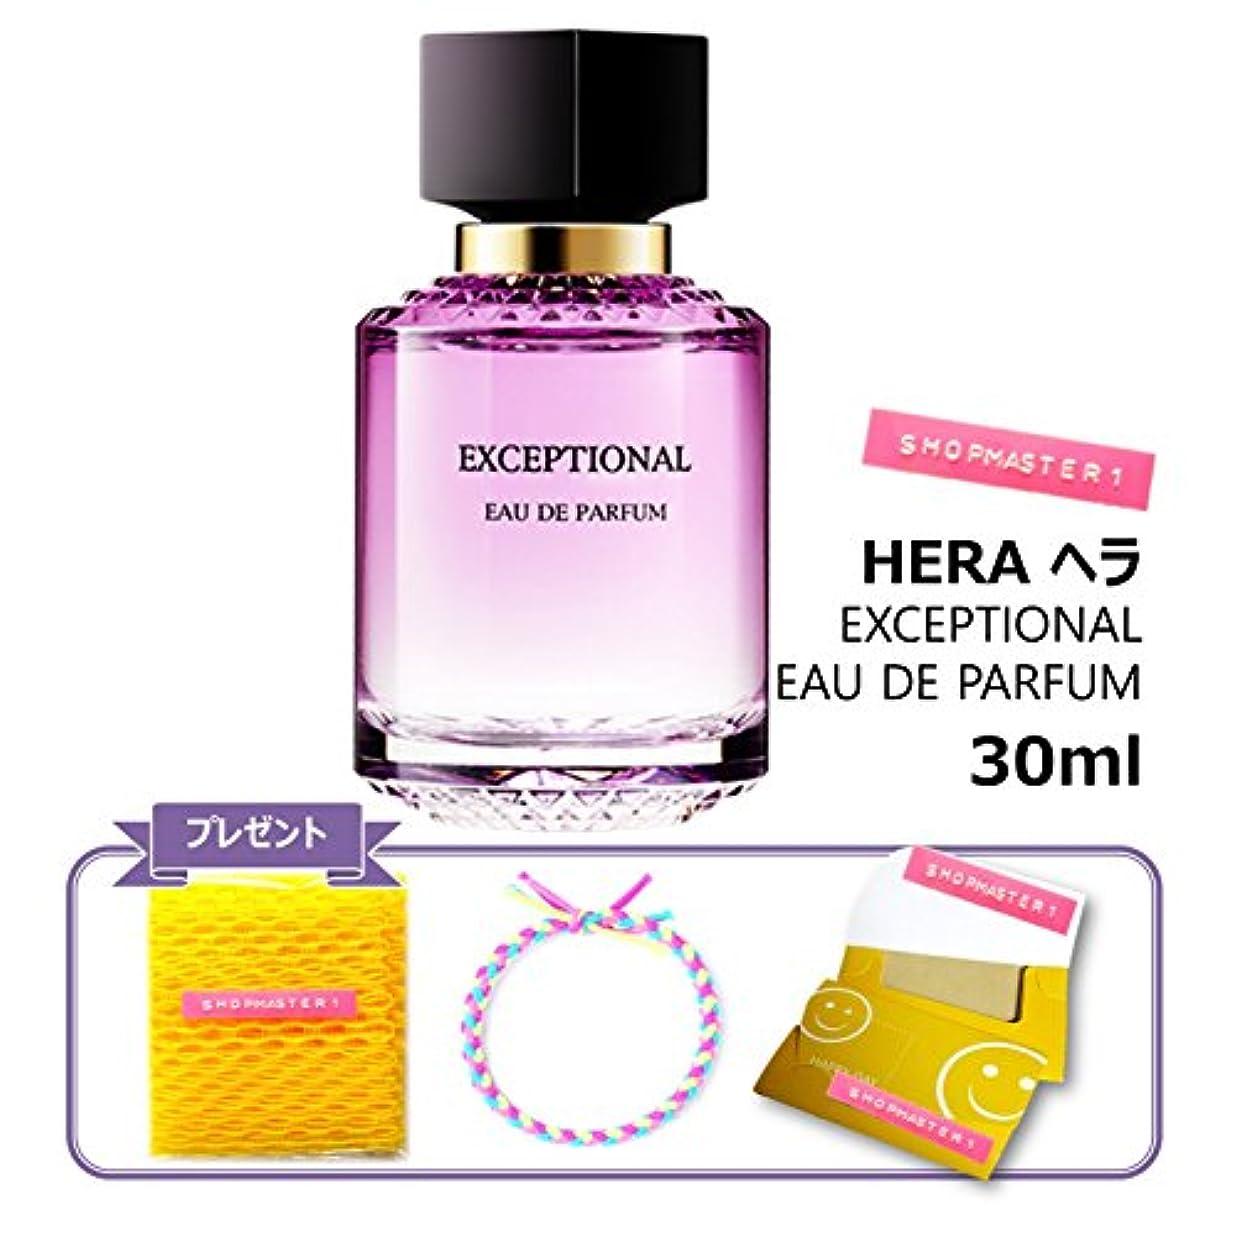 レンドりんごアクセサリー【HERA ヘラ】 香水 EXCEPTIONAL EAU DE PARFUM 30ml / プレゼント 編みたわし1個、ヘアタイ1個、油取り紙1個(25枚) / 海外直配送 [並行輸入品]